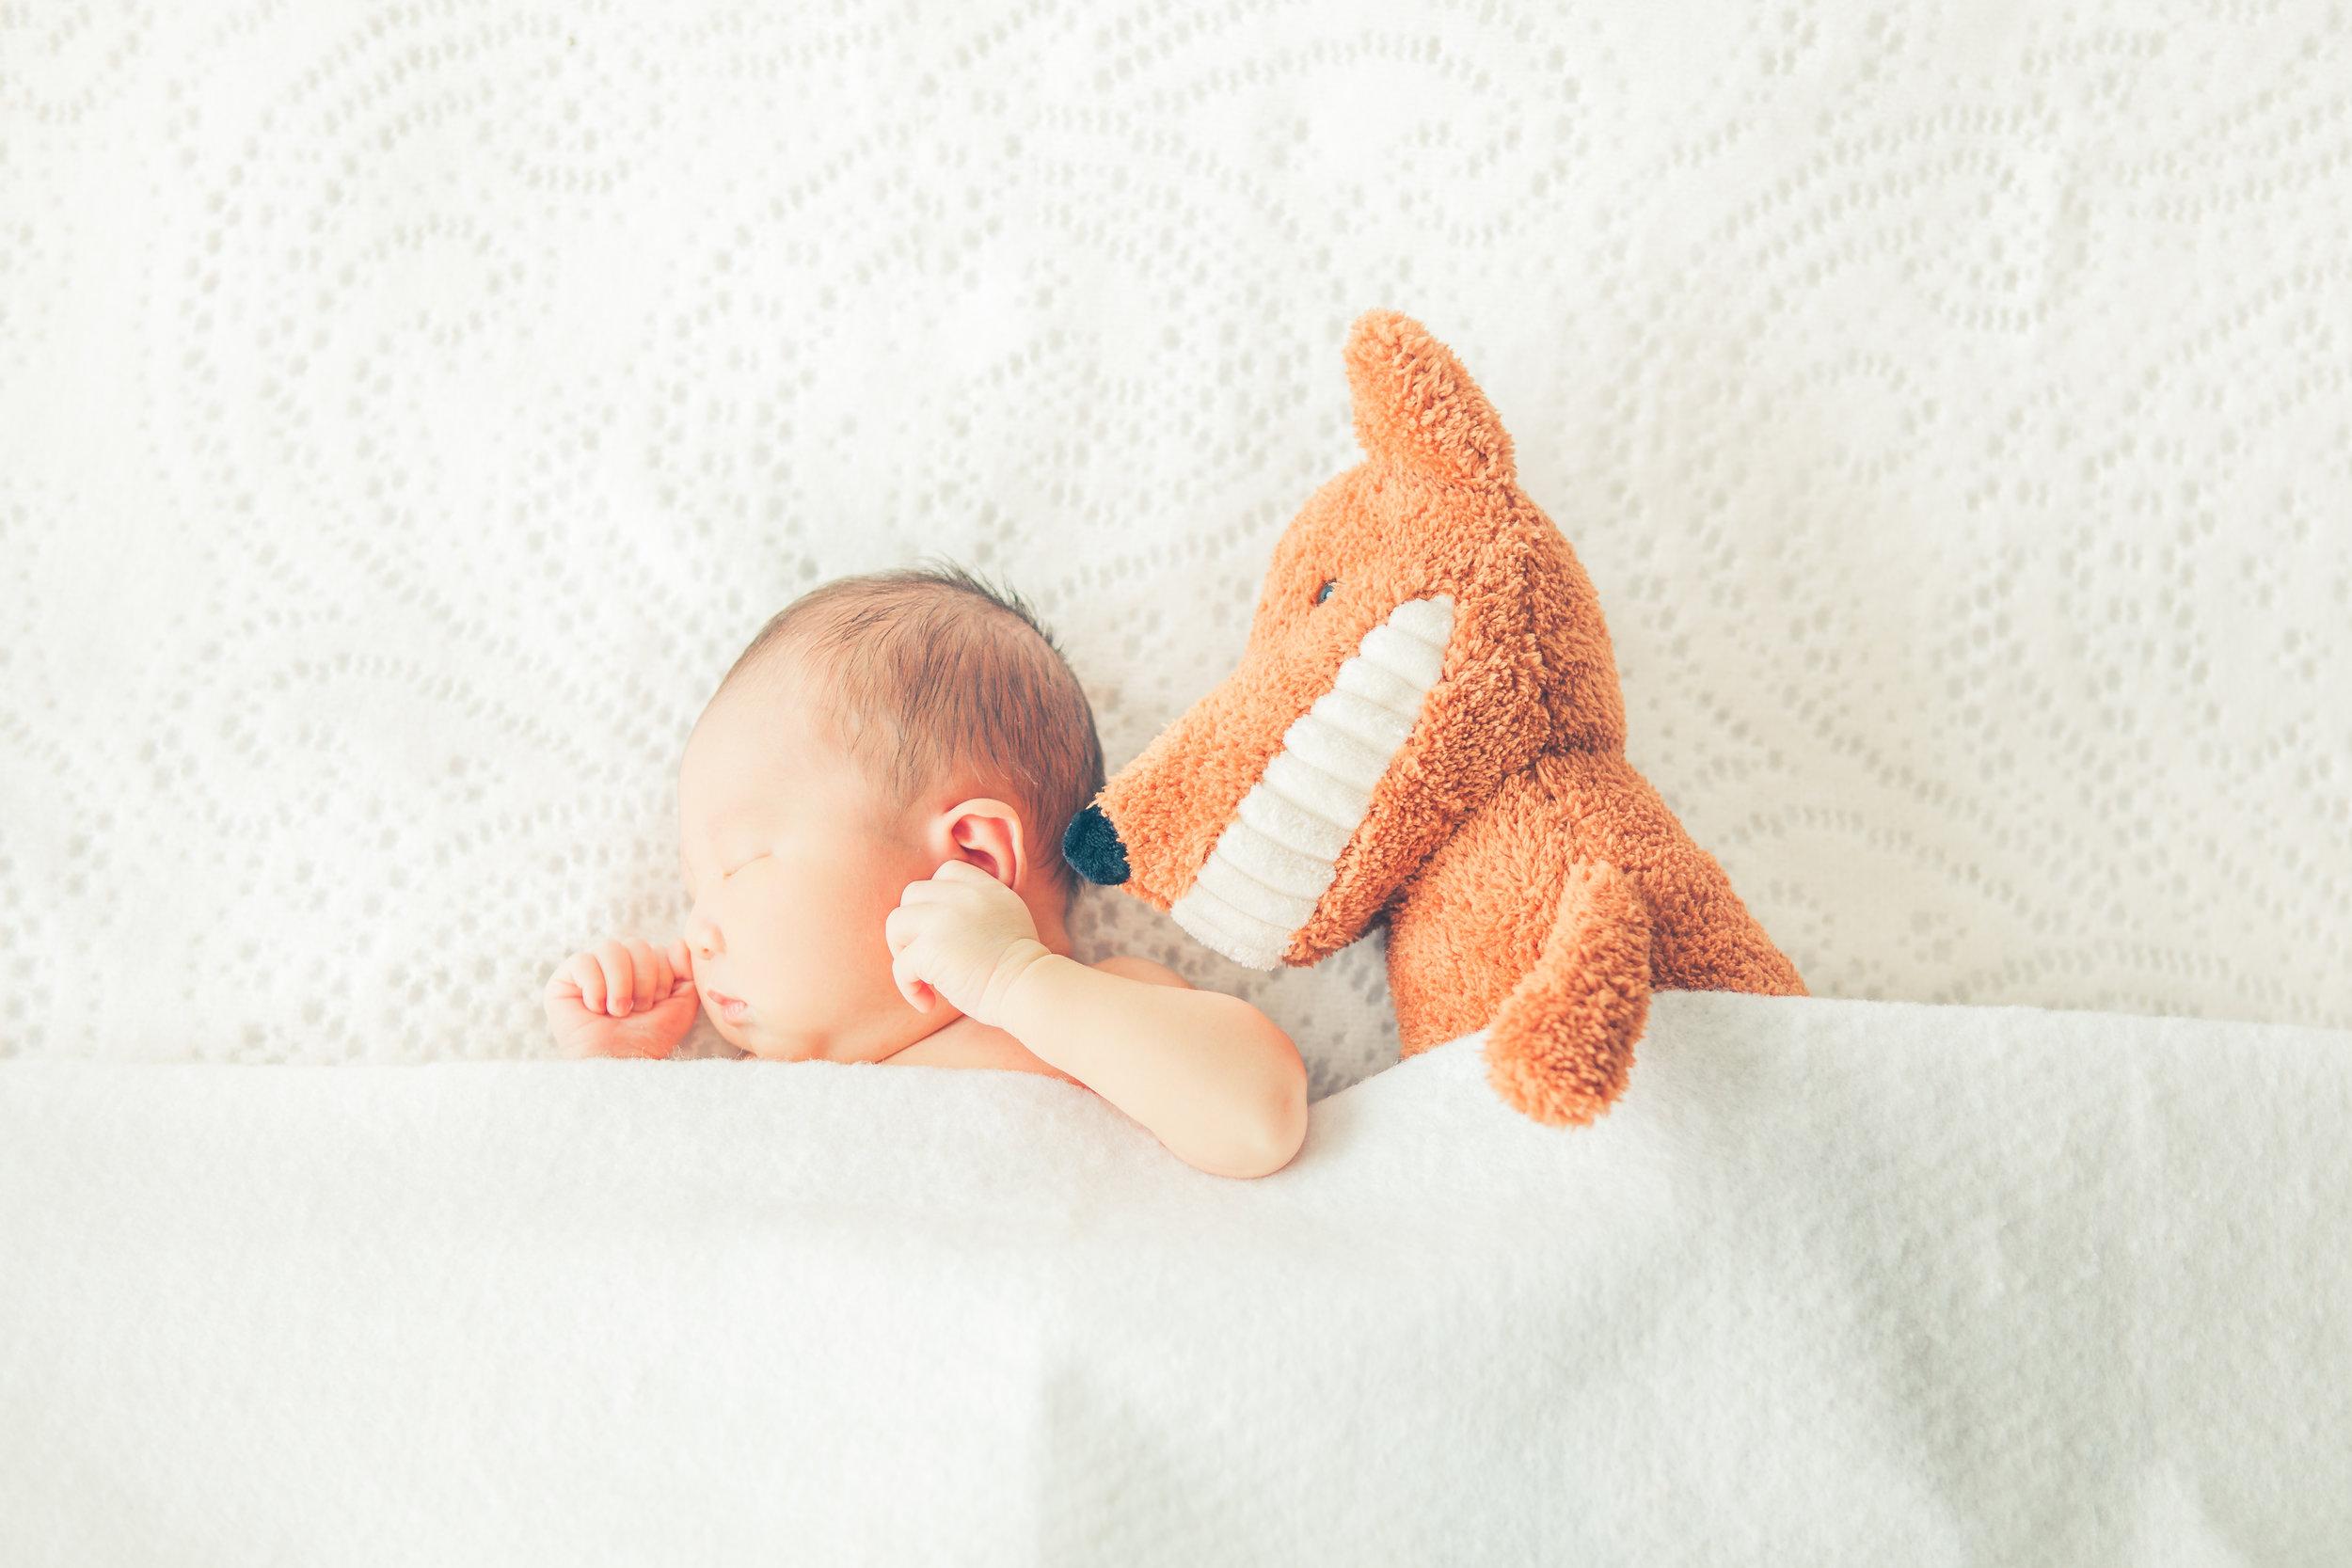 XiaoHou Newborn-184.jpg